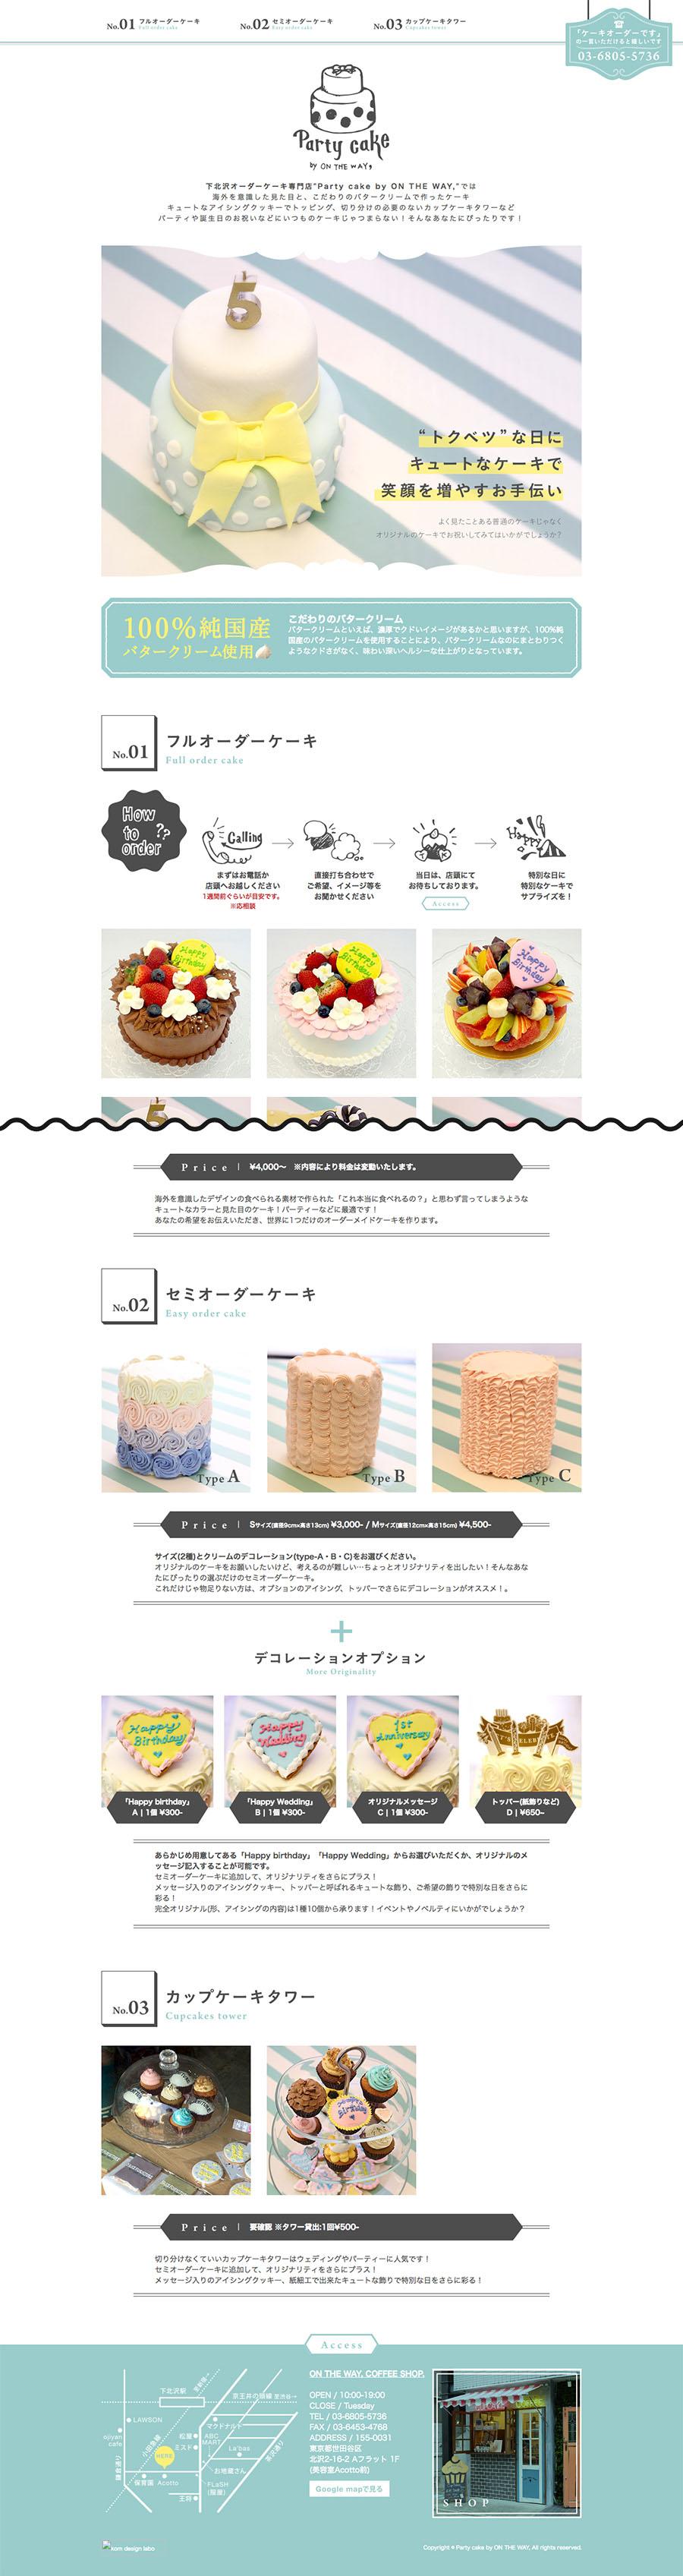 スタンドカフェのケーキ特設サイト